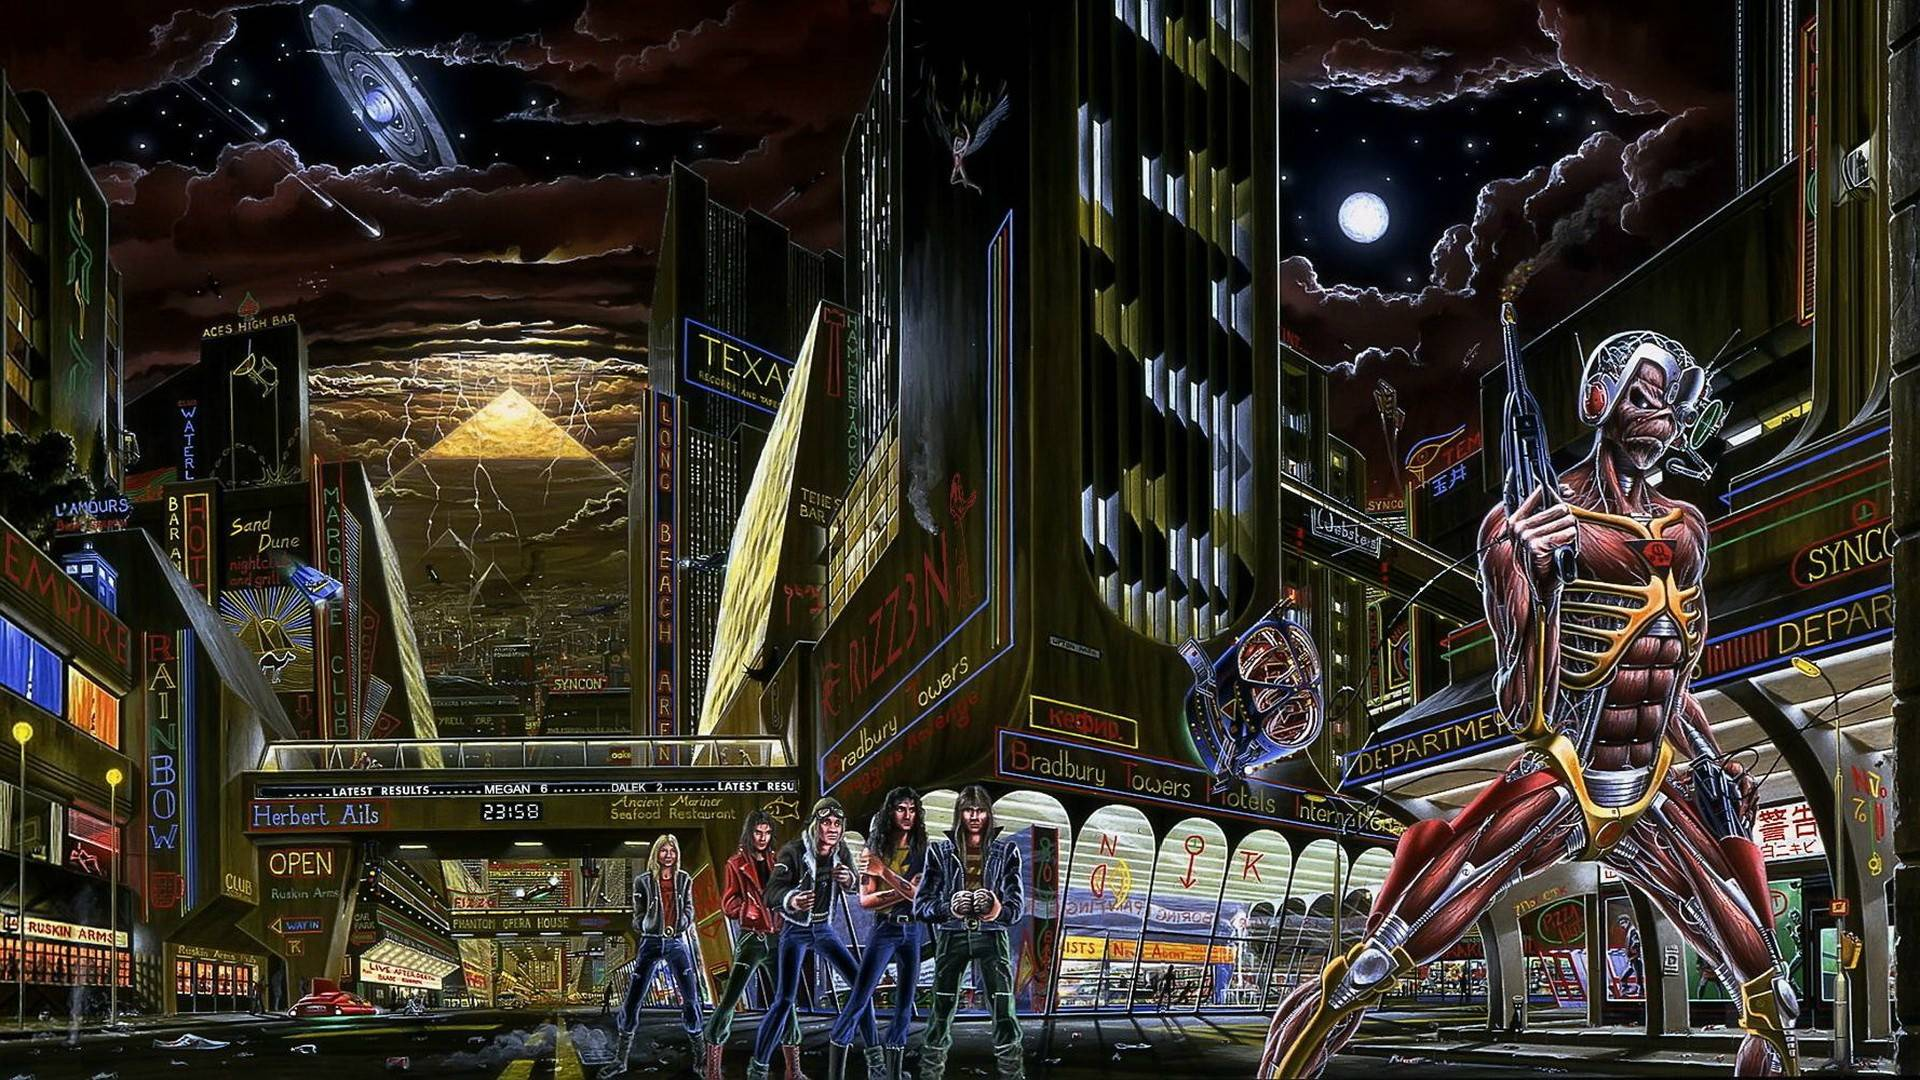 Iron Maiden - The Italian Job